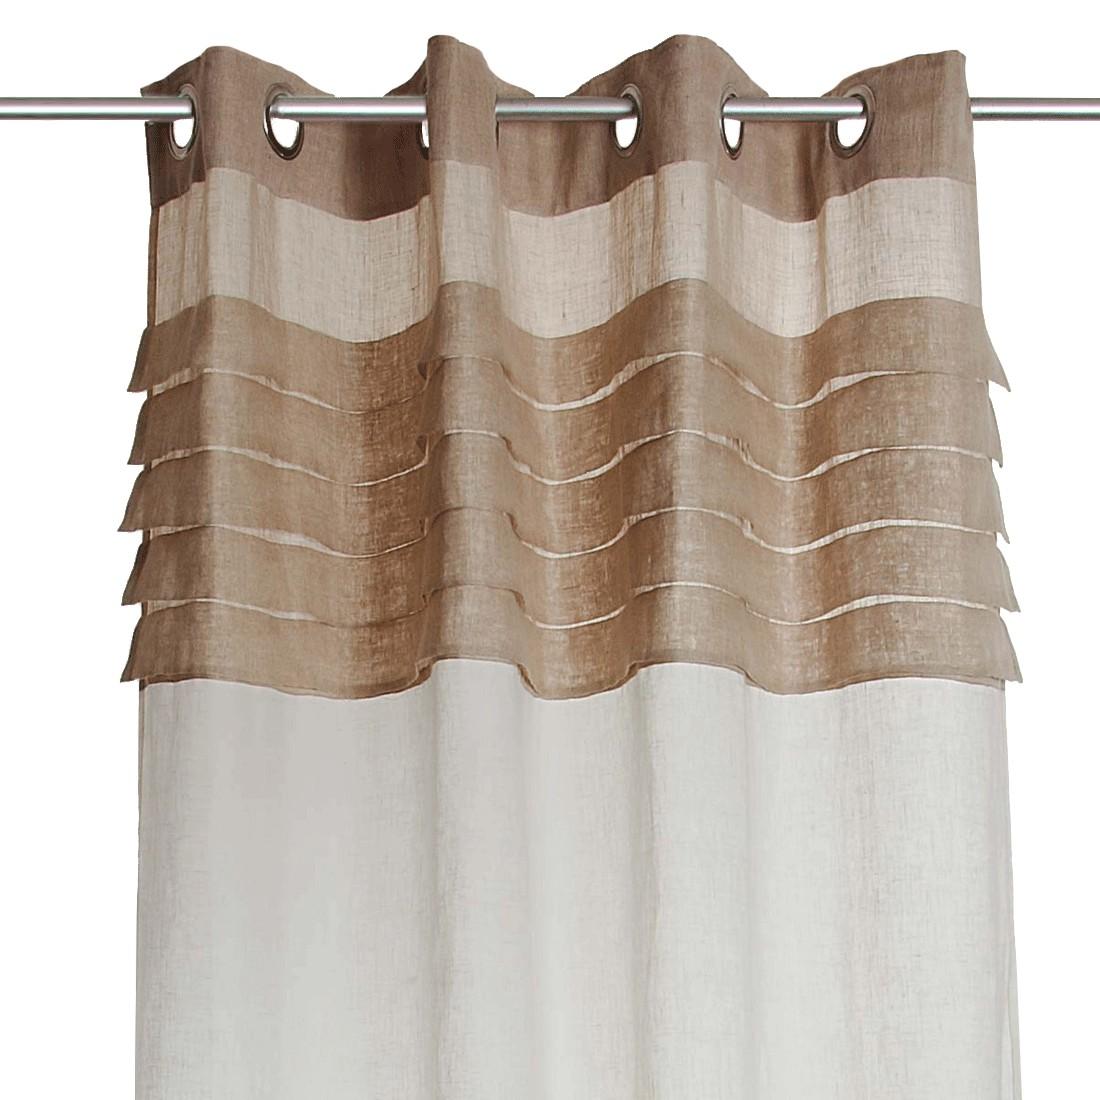 Vorhang – Leinen – Weiß/Braun, PureDay günstig kaufen